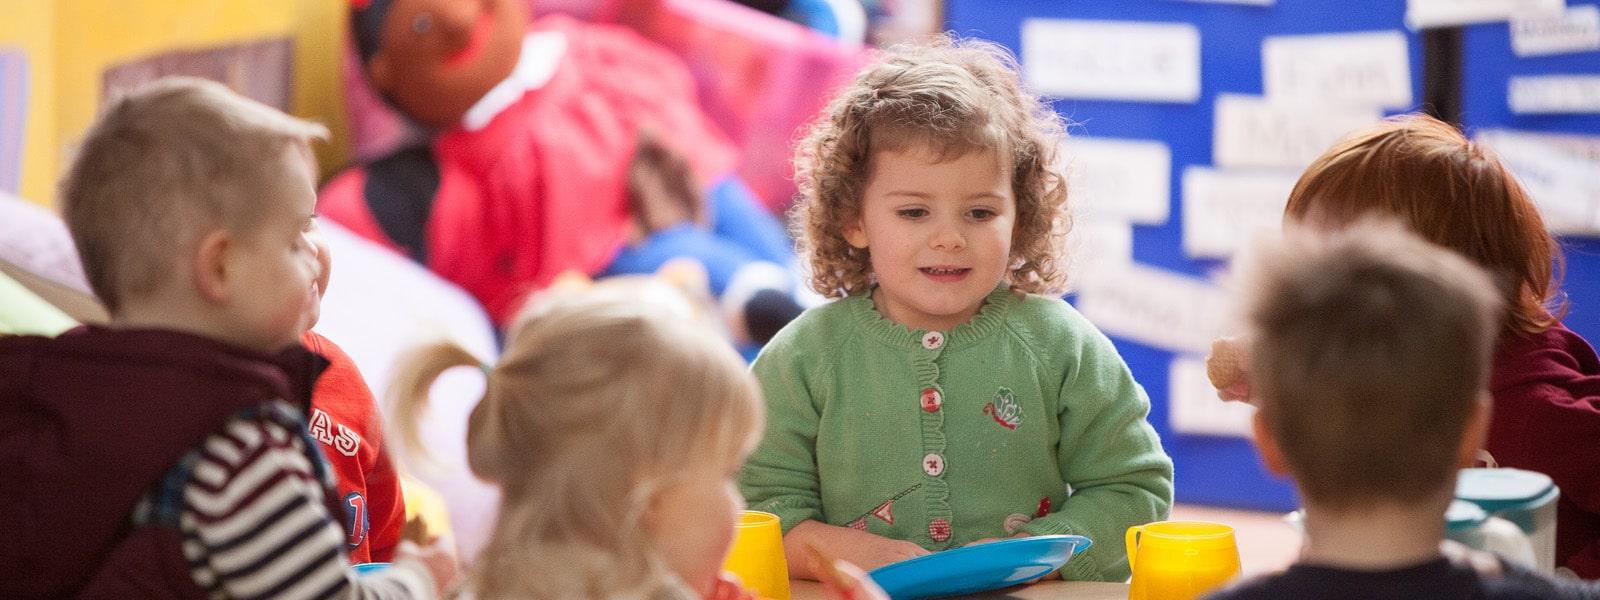 Nursery ages 2-5